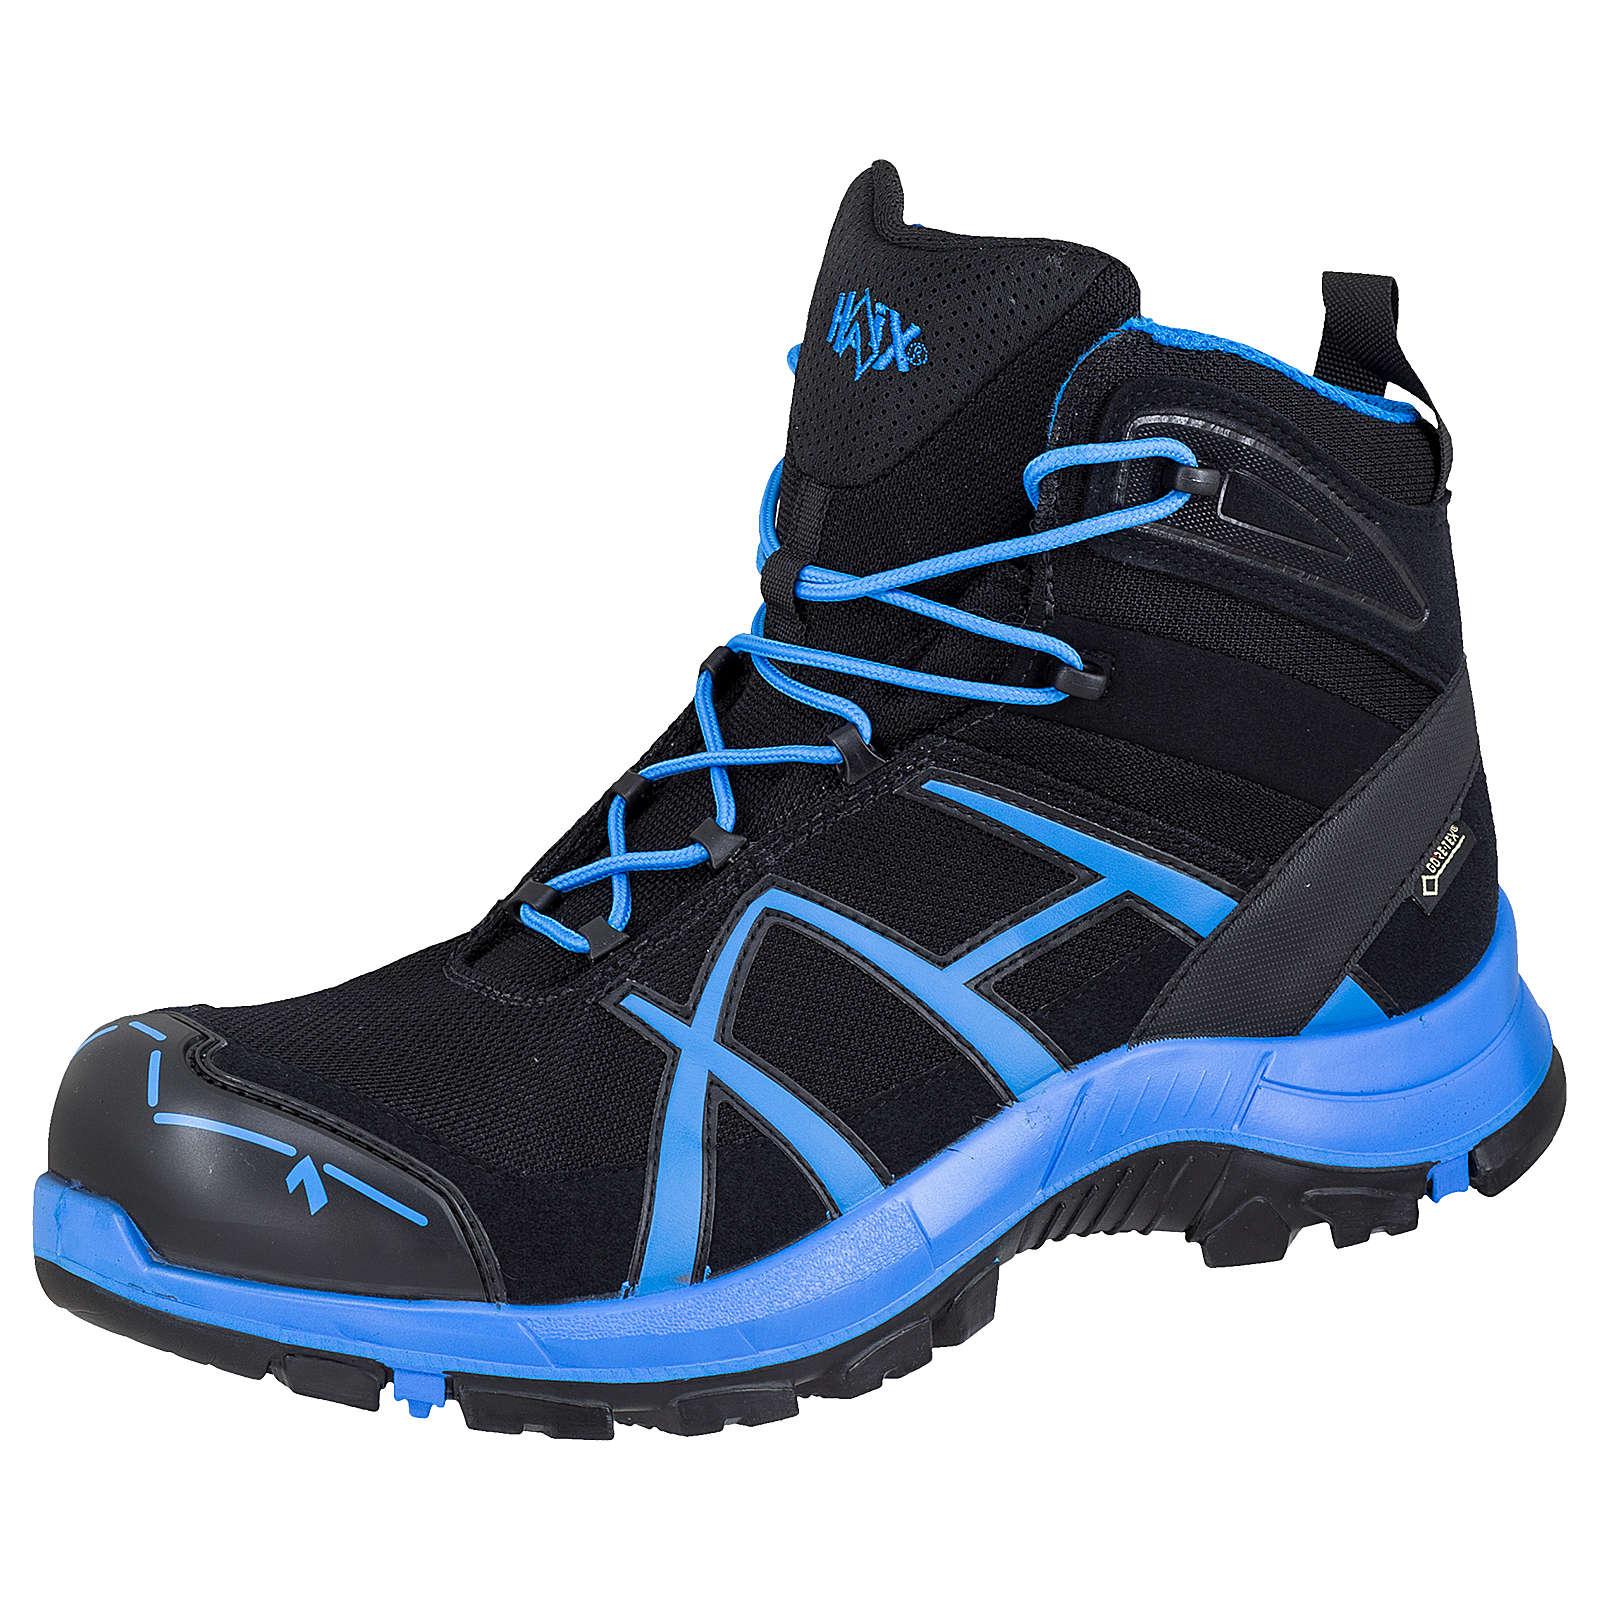 HAIX® Haix Sicherheitsschuhe Black Eagle Safety 40 mid black/blue Sicherheitshalbschuhe schwarz/blau Gr. 42,5